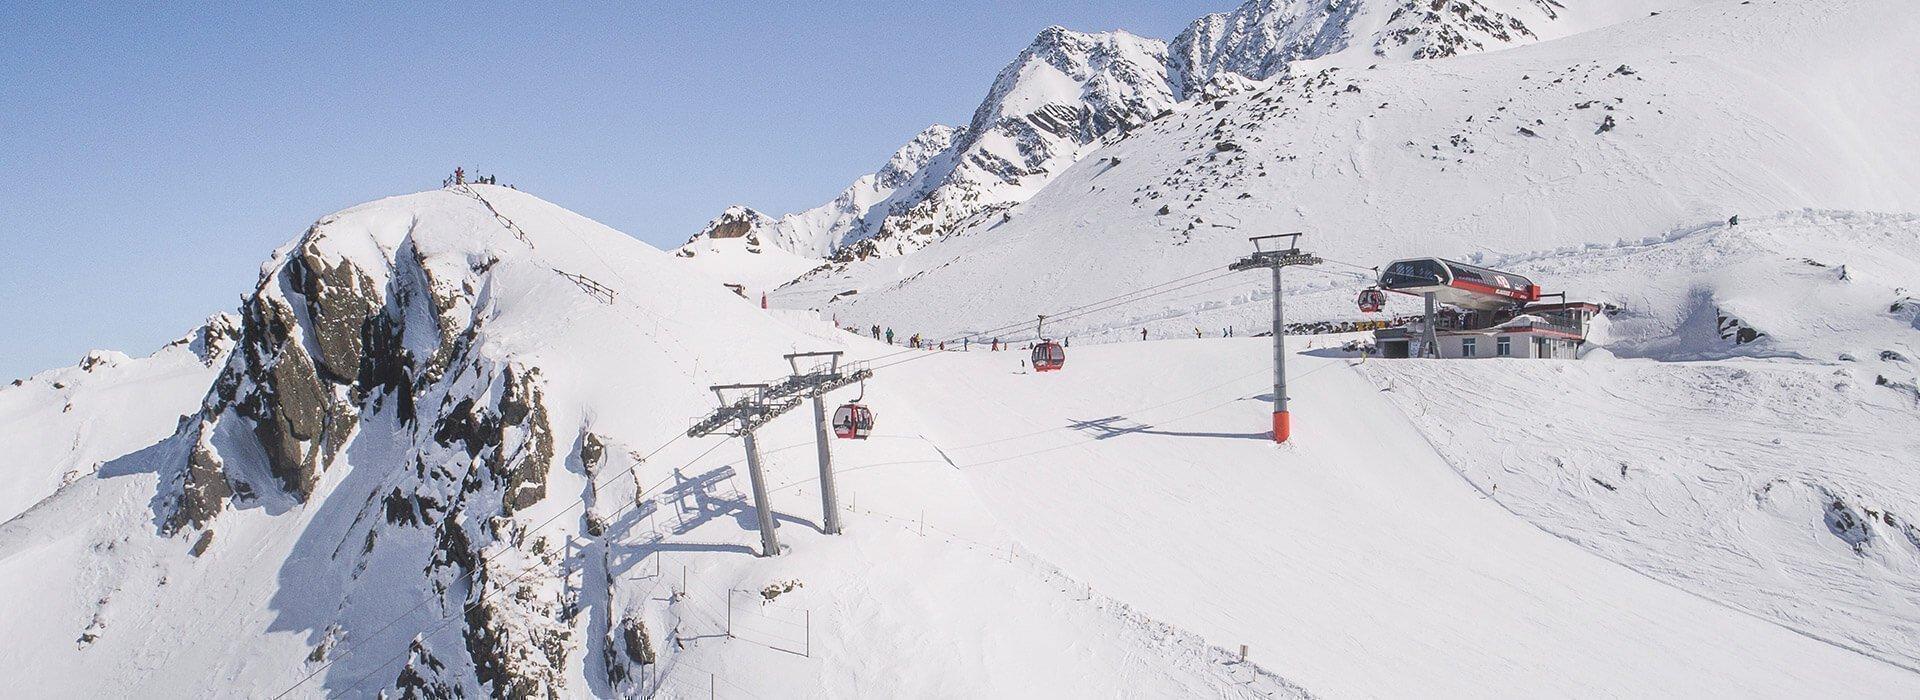 Aree sciistiche in Alto Adige – Monte Chiusetta